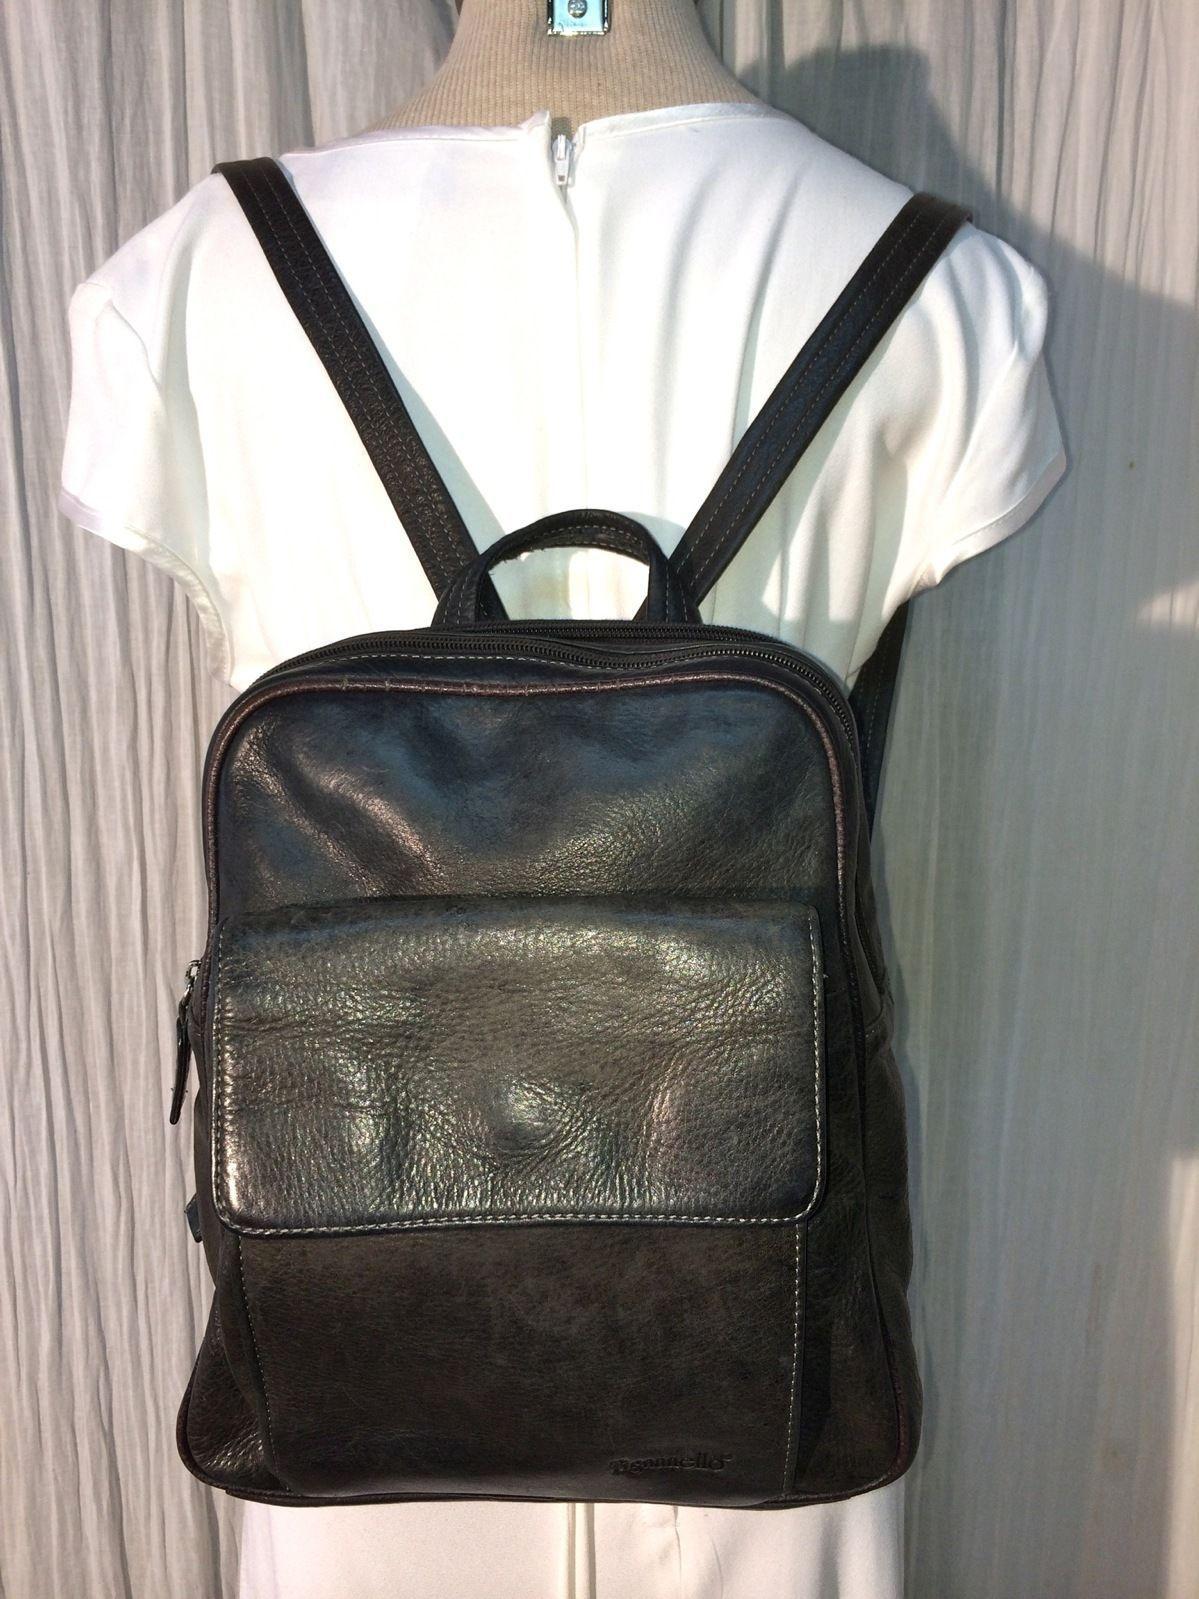 4634c9bd4b46 Black Leather Tignanello Big Backpack Purse Shoulder bag Handbag ...